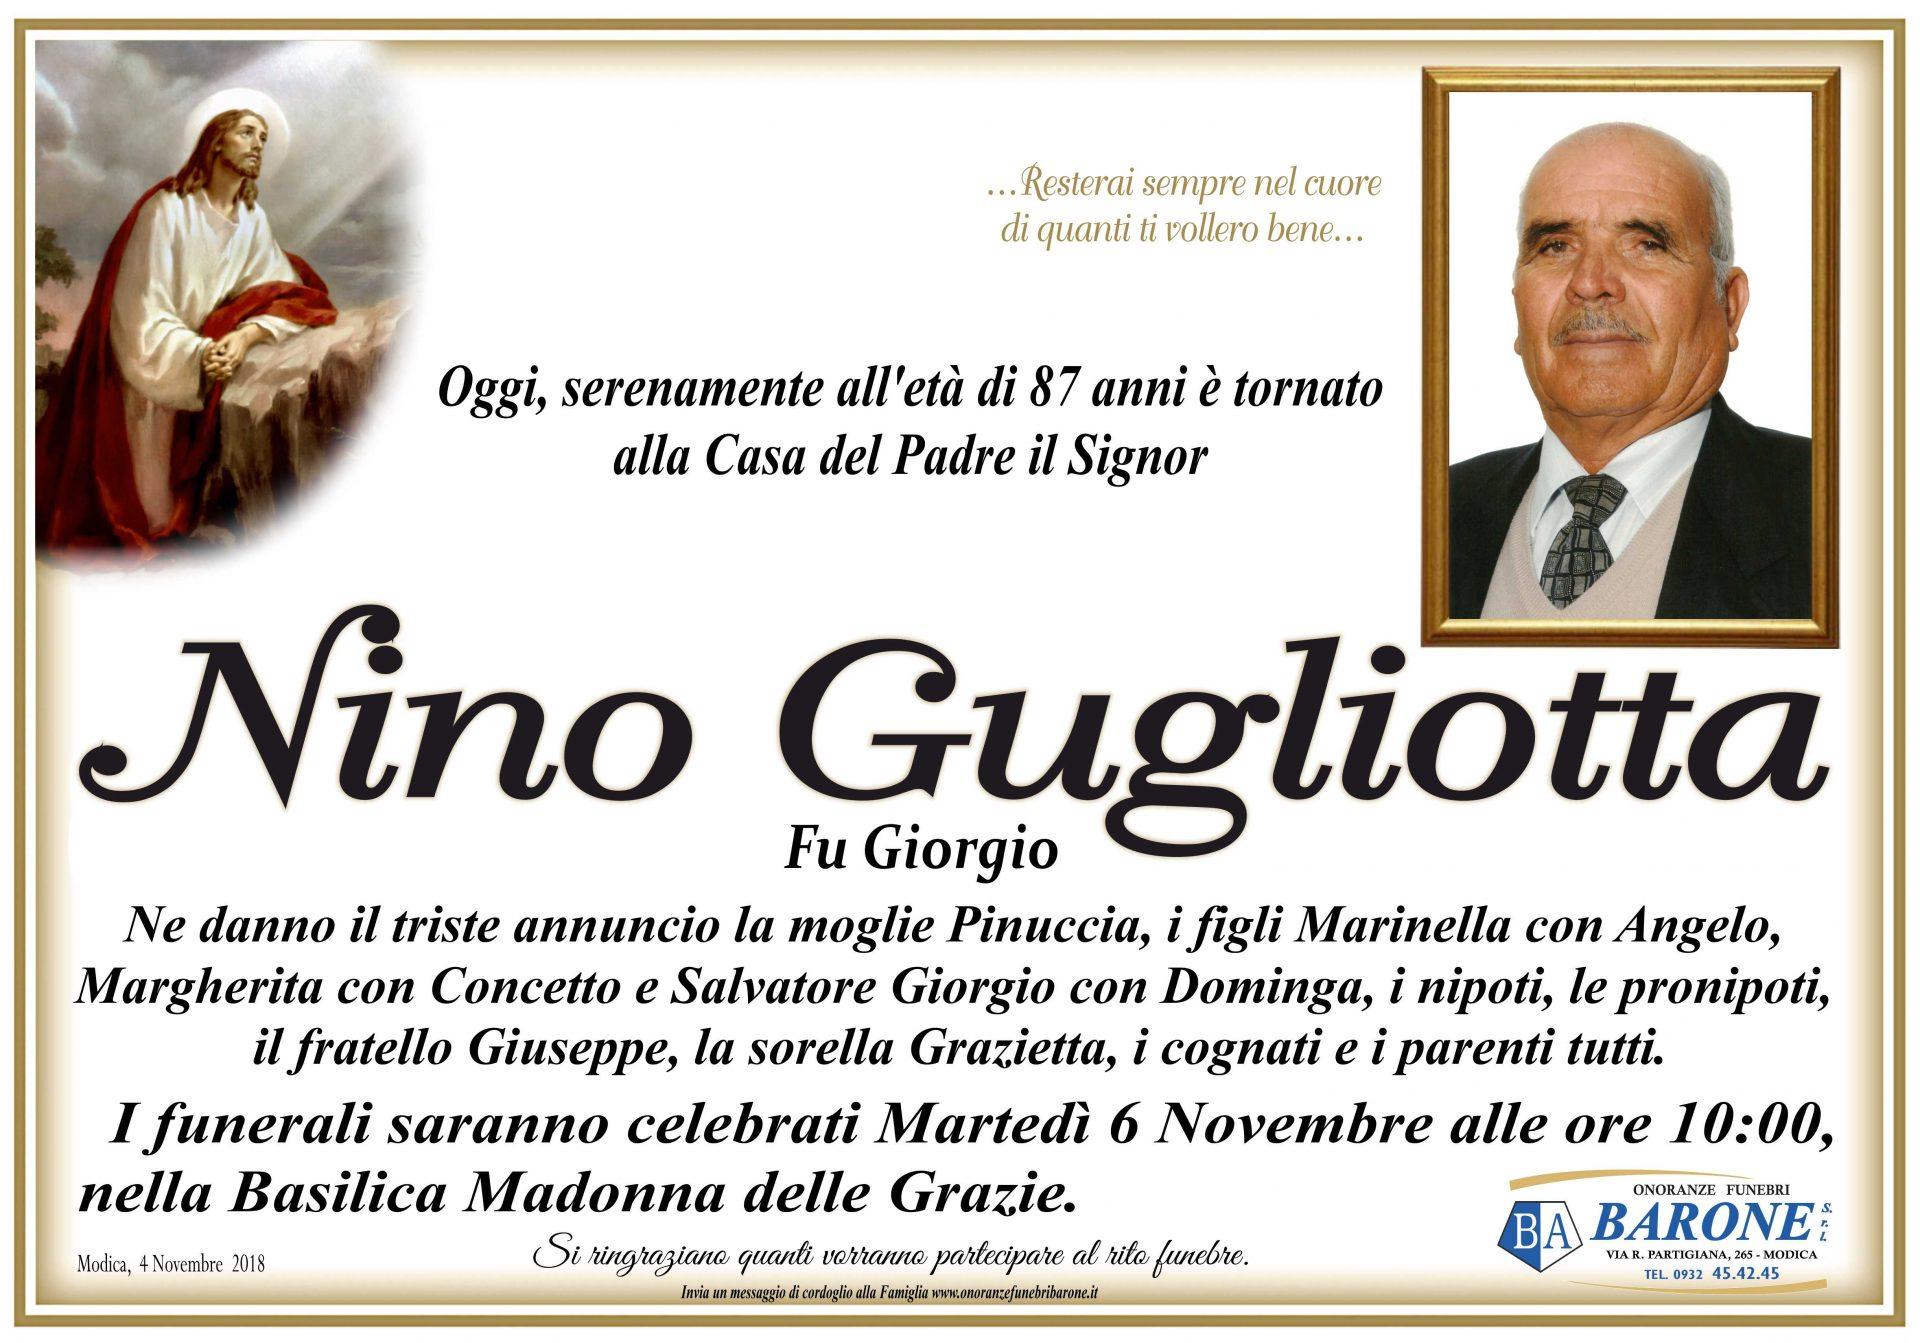 Nino Gugliotta